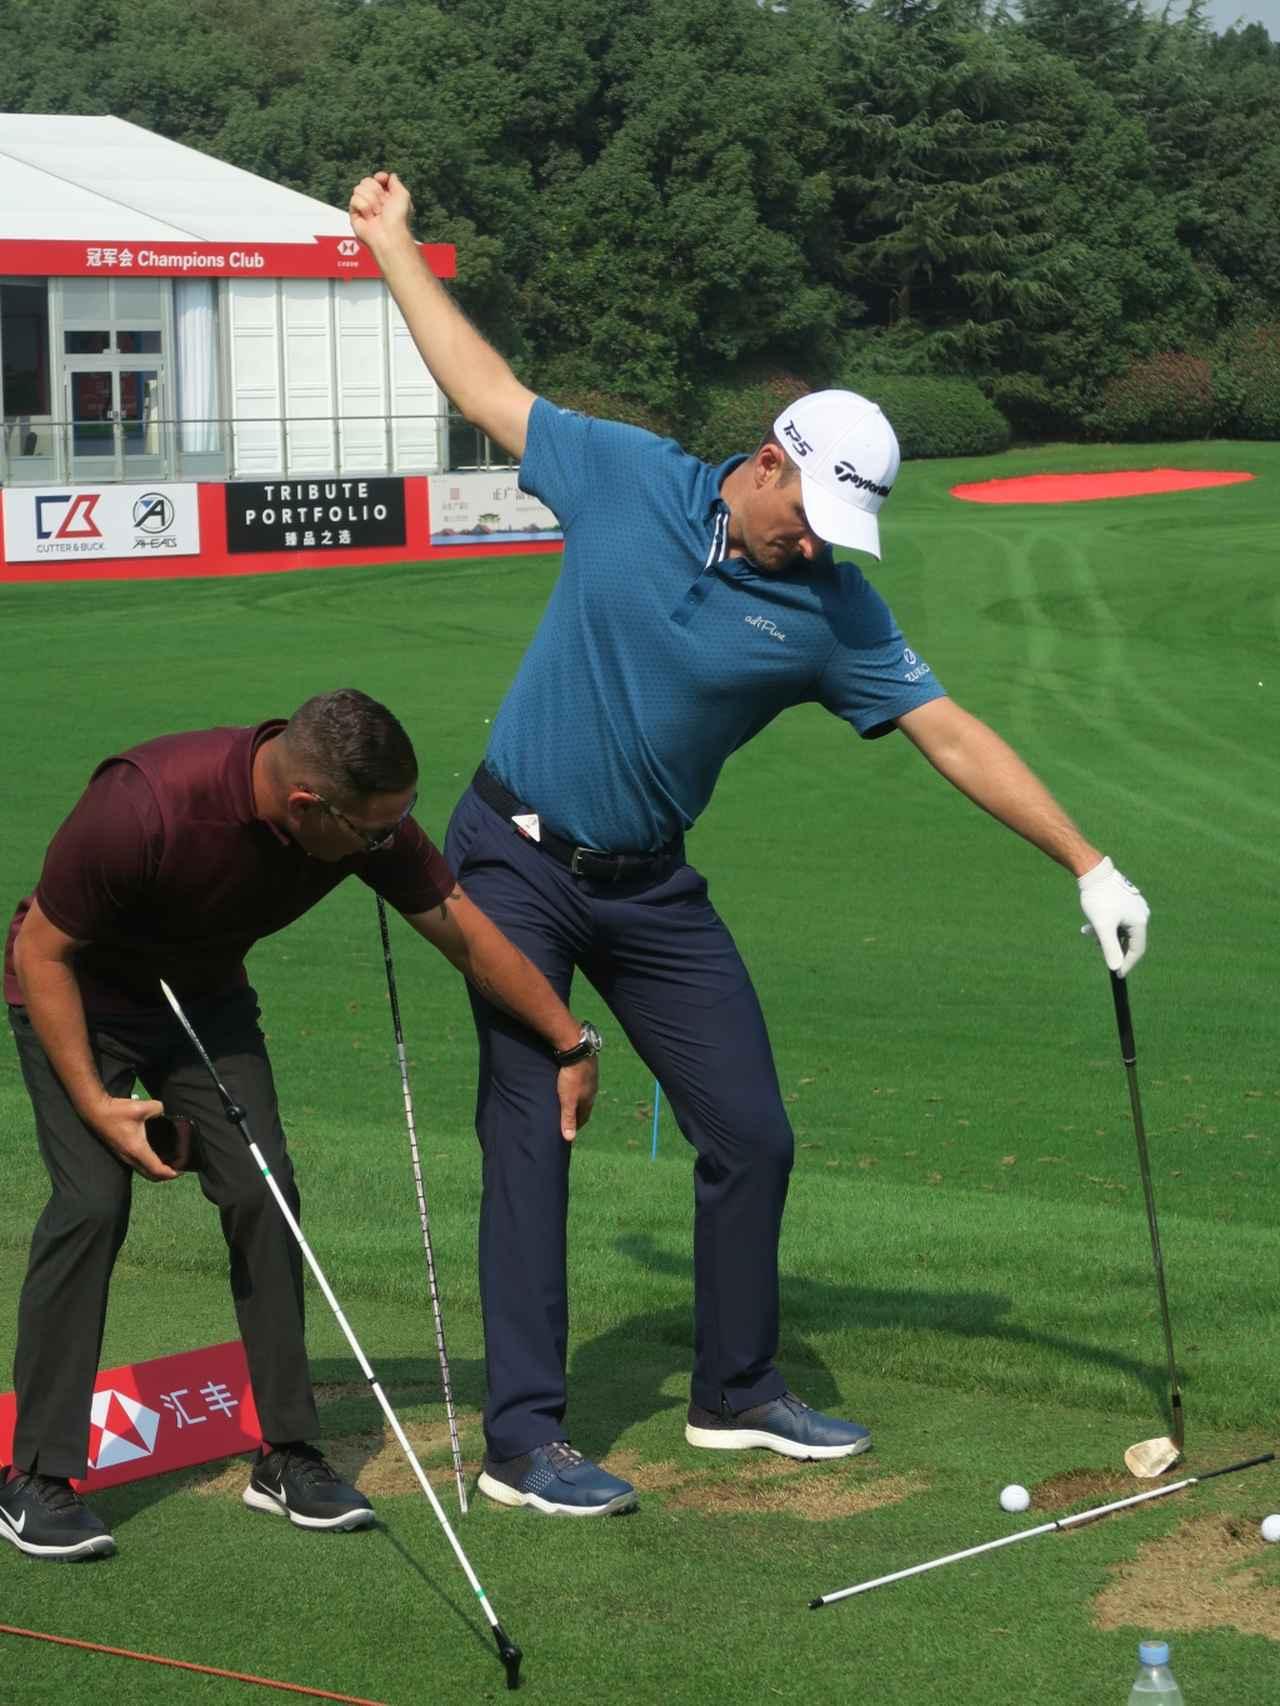 画像: コーチのショーン・フォーリー(写真左)とスティックを3本使い、課題を修正するためのドリルを行うローズ